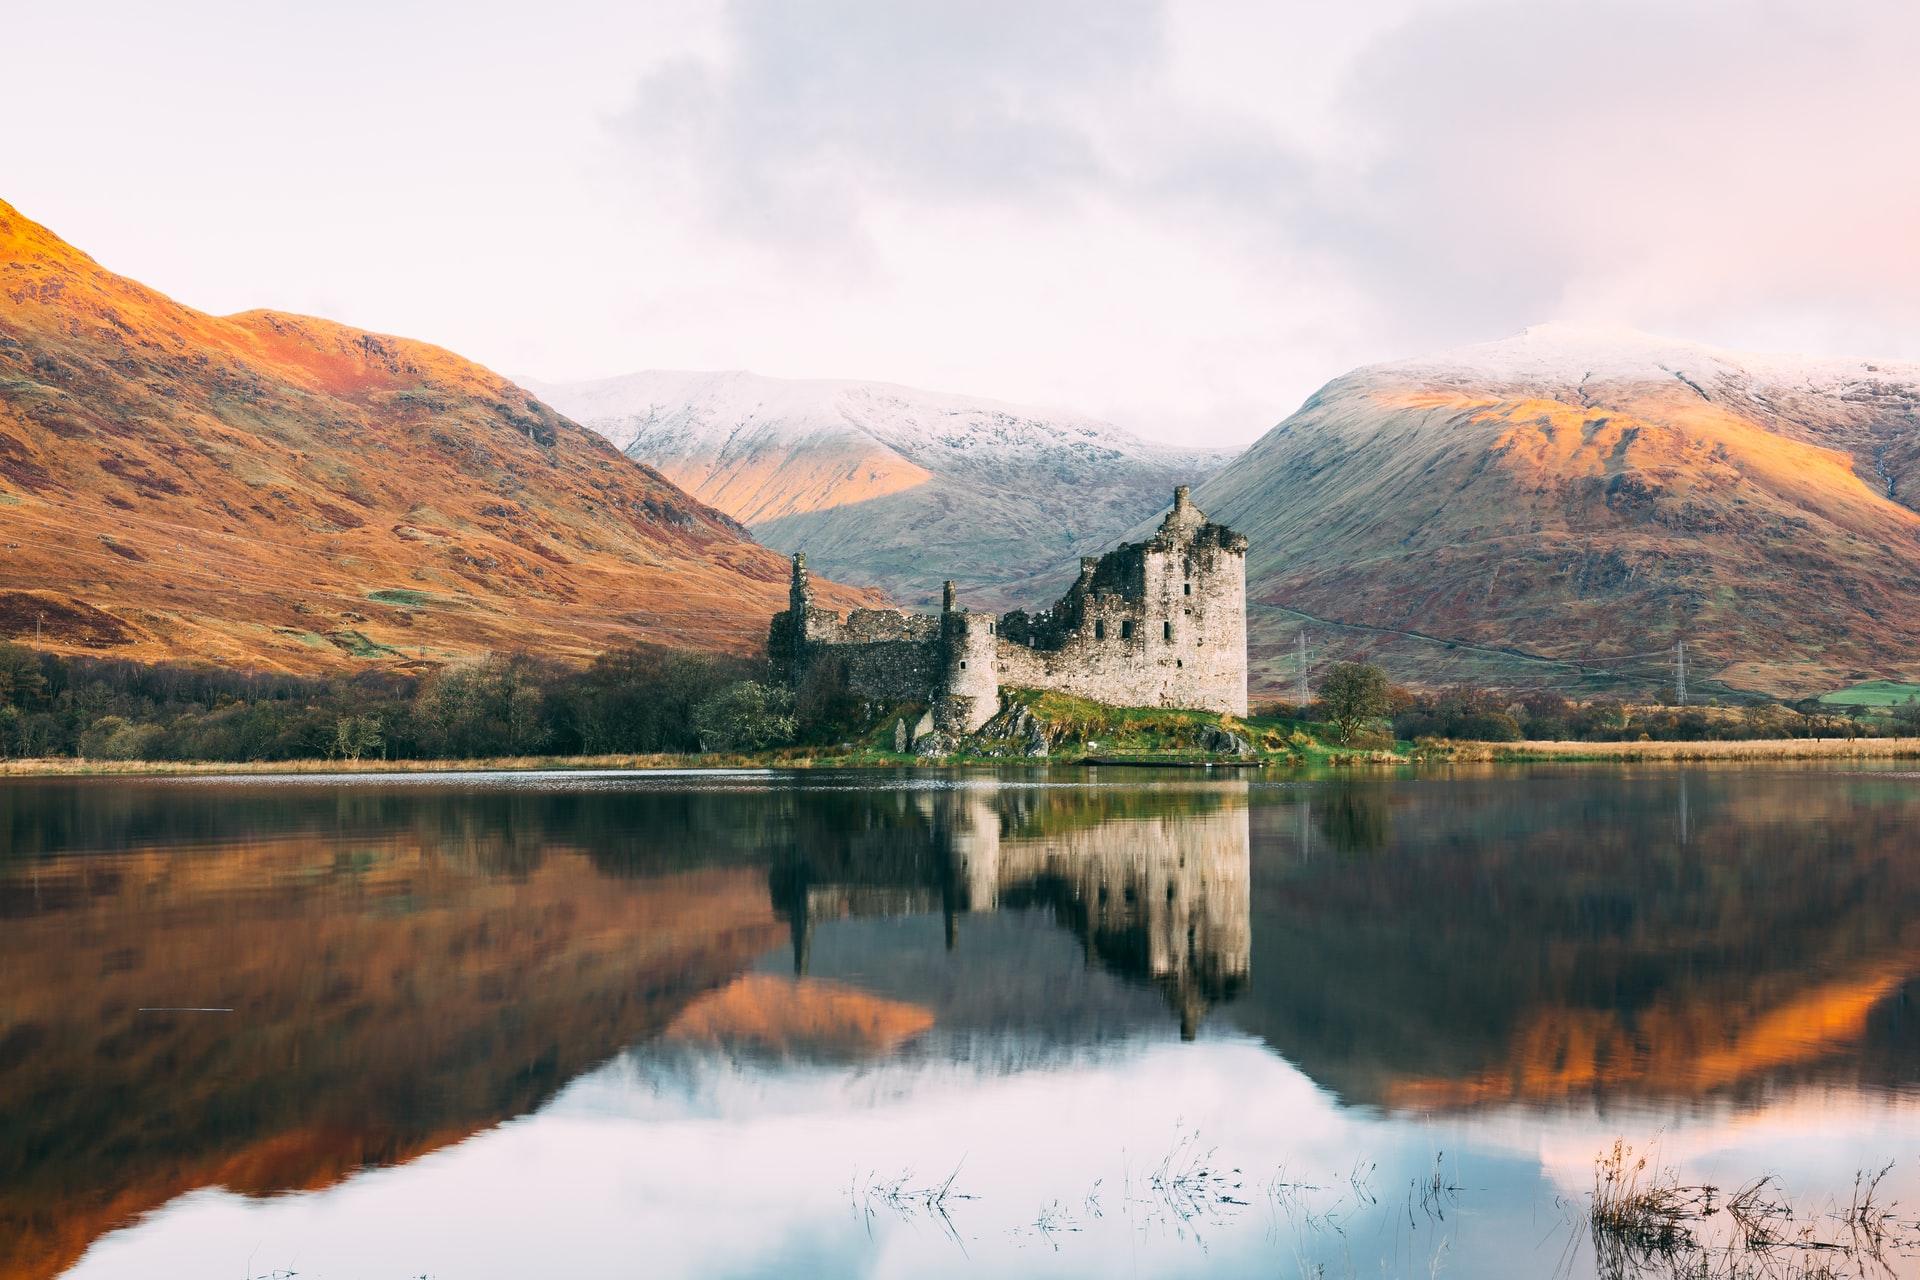 Scotland's architecture